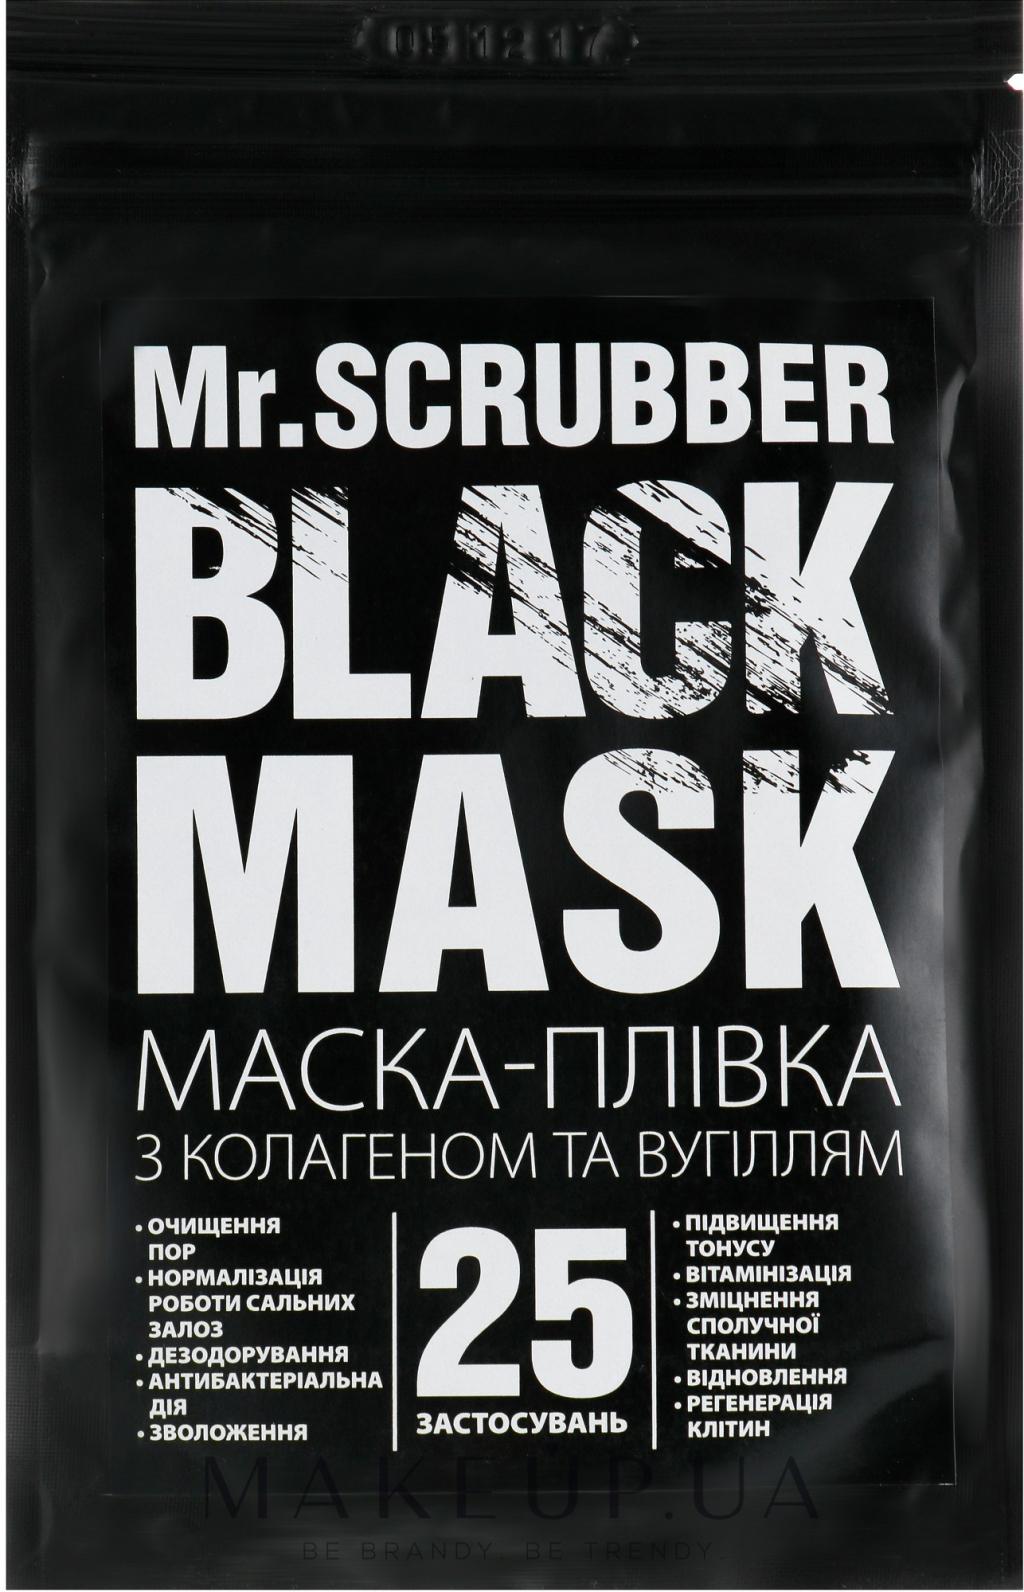 Черная коллагеновая маска-пленка для лица (Mr.Scrubber Black Mask)